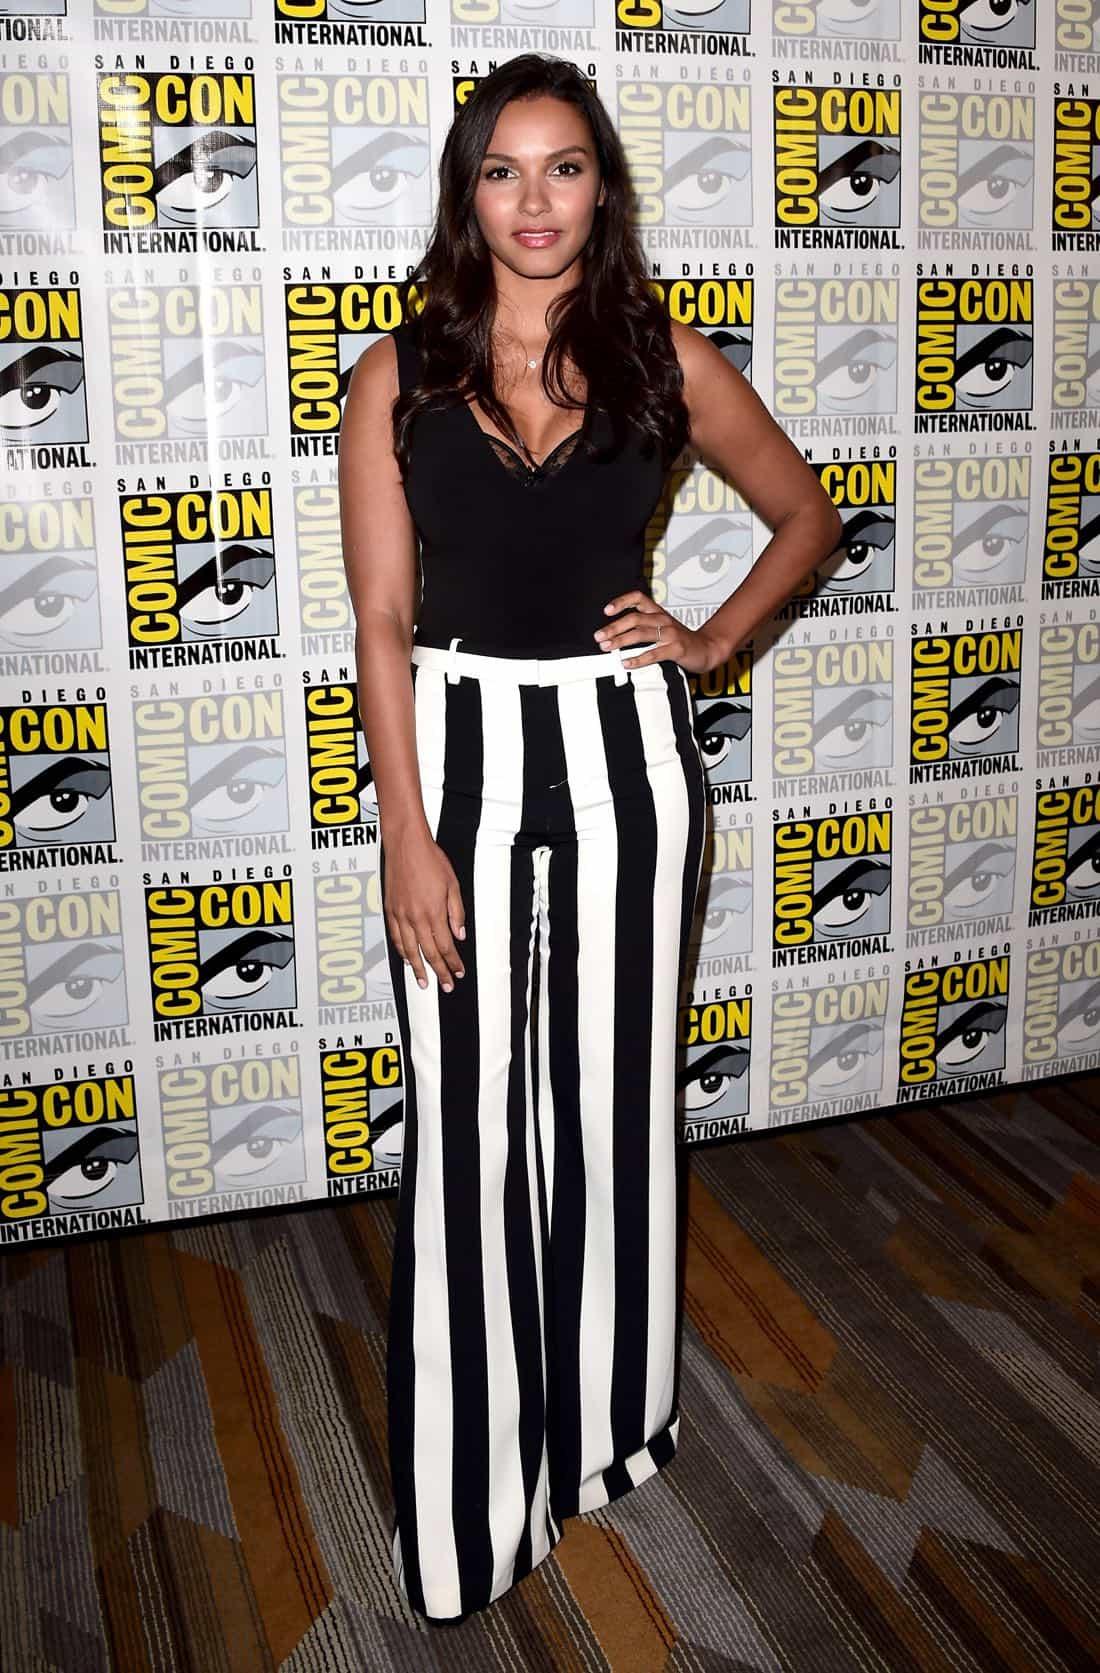 Comic Con SDCC Gotham 10